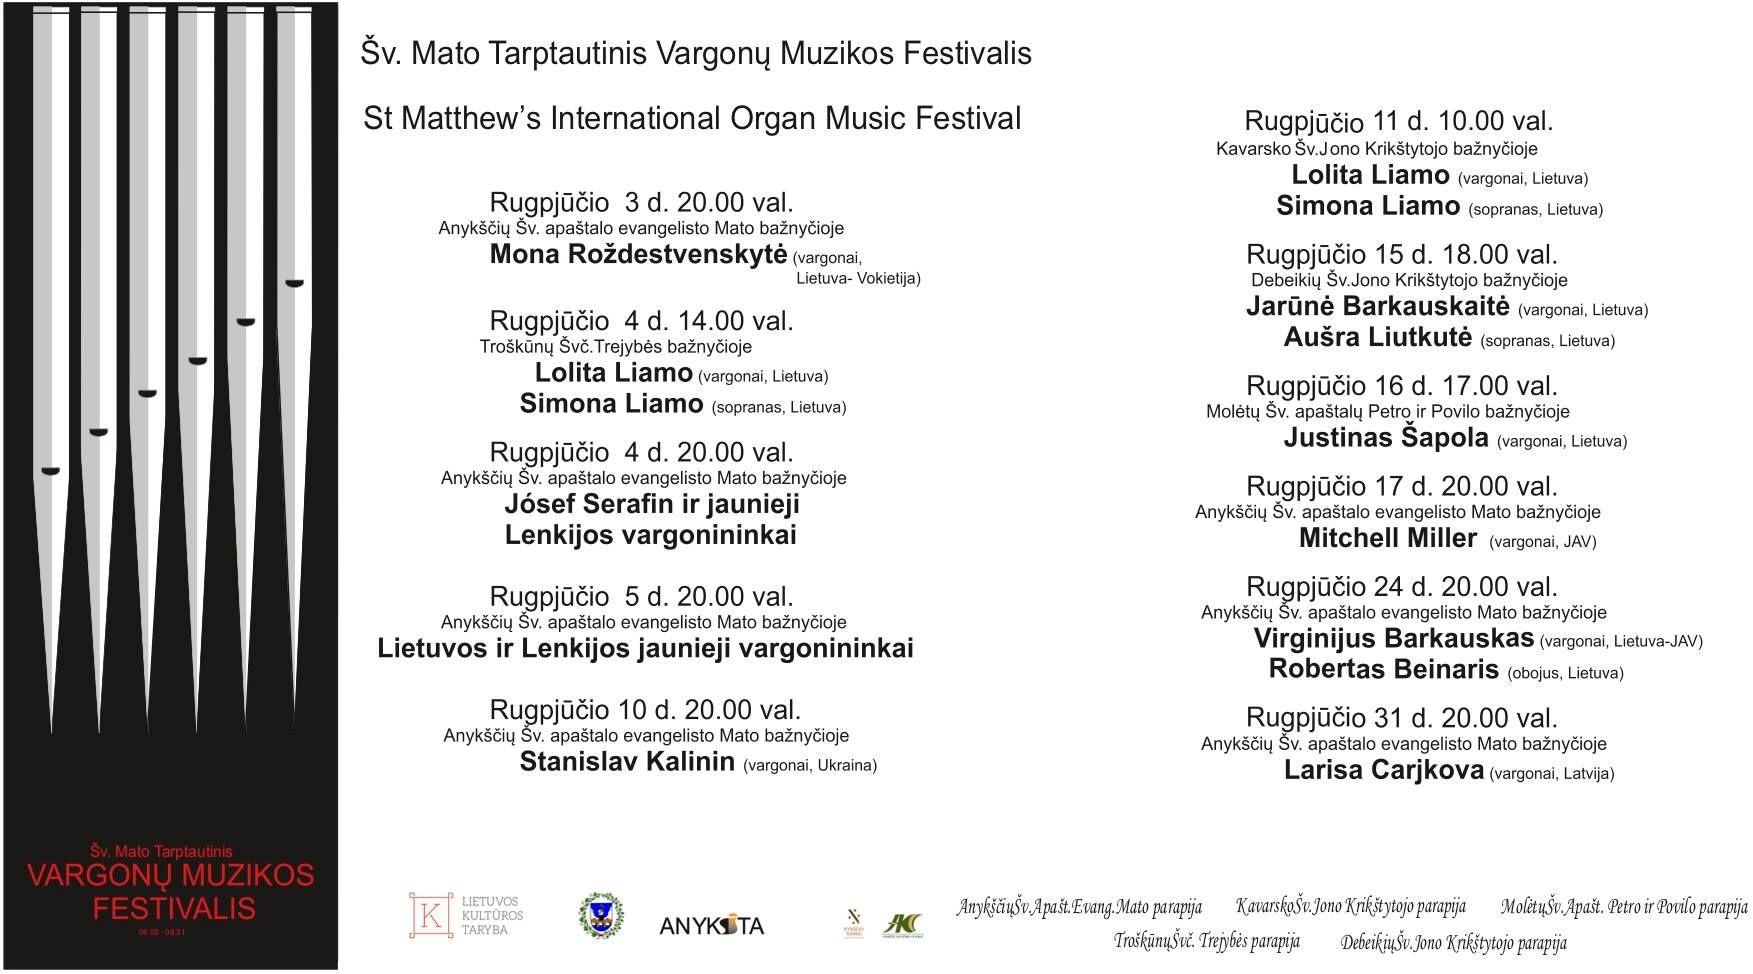 Šv. Mato tarptautinis vargonų muzikos festivalis (2019) / Lietuvos ir Lenkijos jaunieji vargonininkai